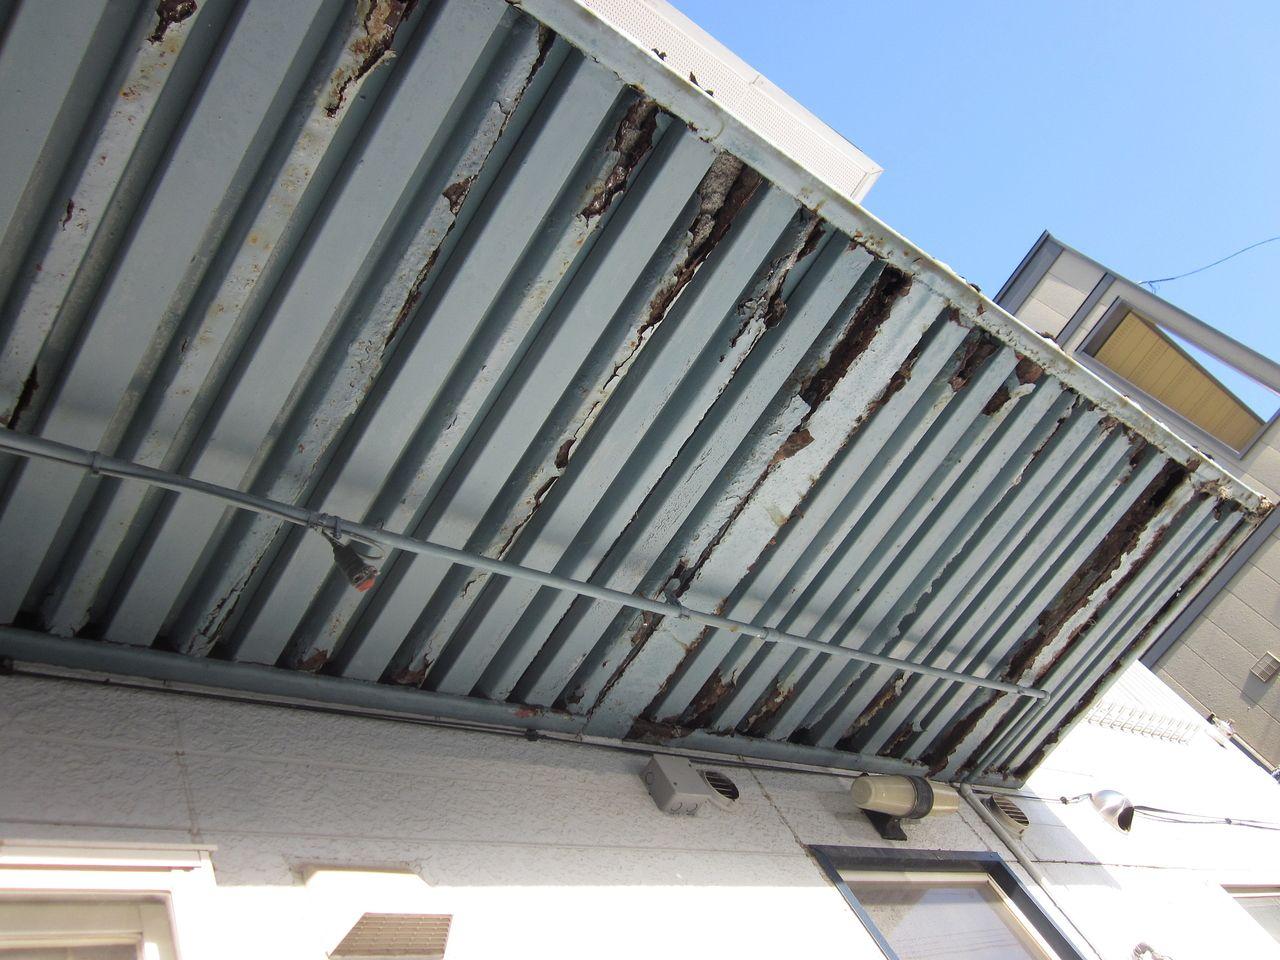 苫小牧市でアパート外廊下の床が抜ける事故…オーナーさんは確認を!